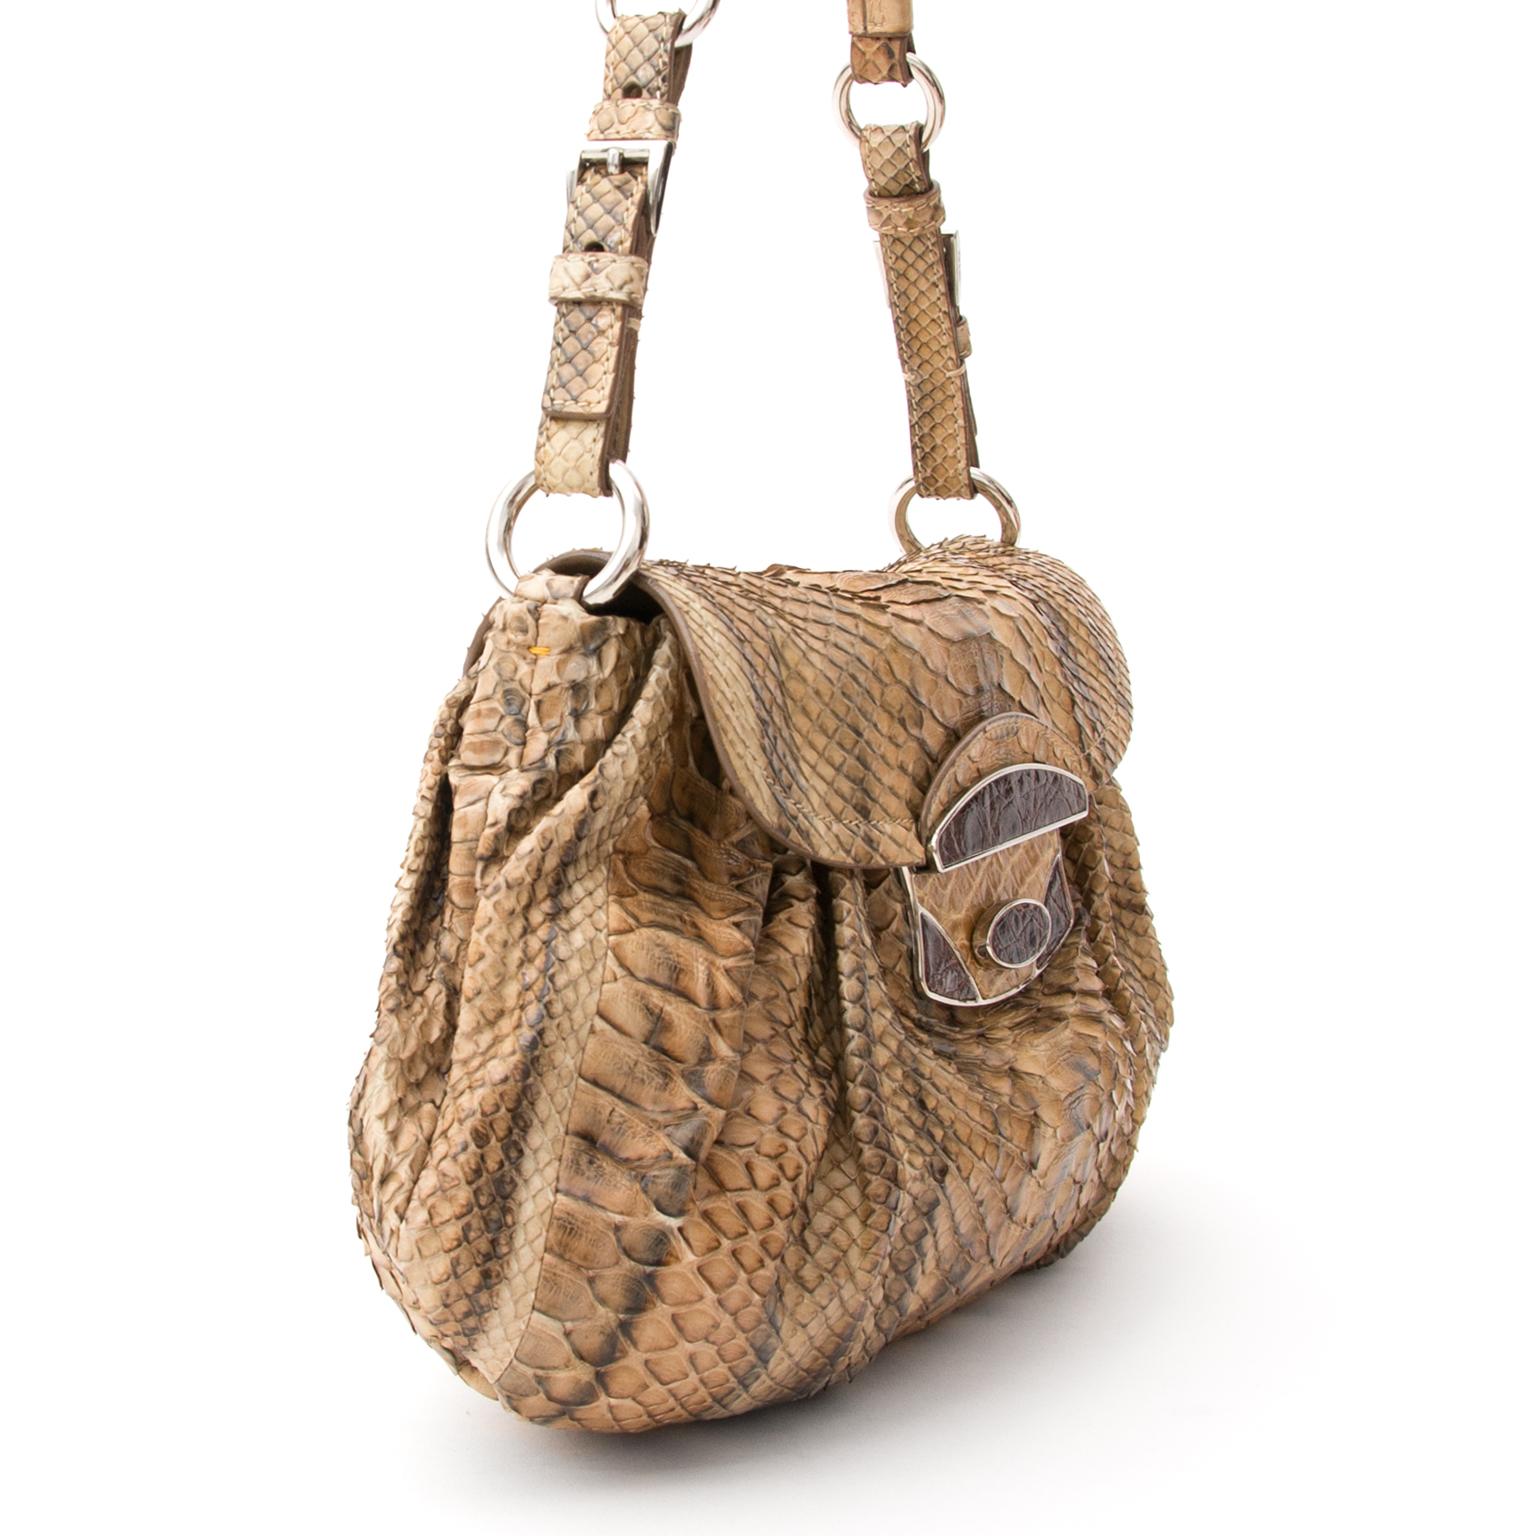 9847b4a14597 ... Chanel Prada Python Schoudertas, Voor designer merken zoals Louis  Vuitton, Hermes, Chanel, Delvaux